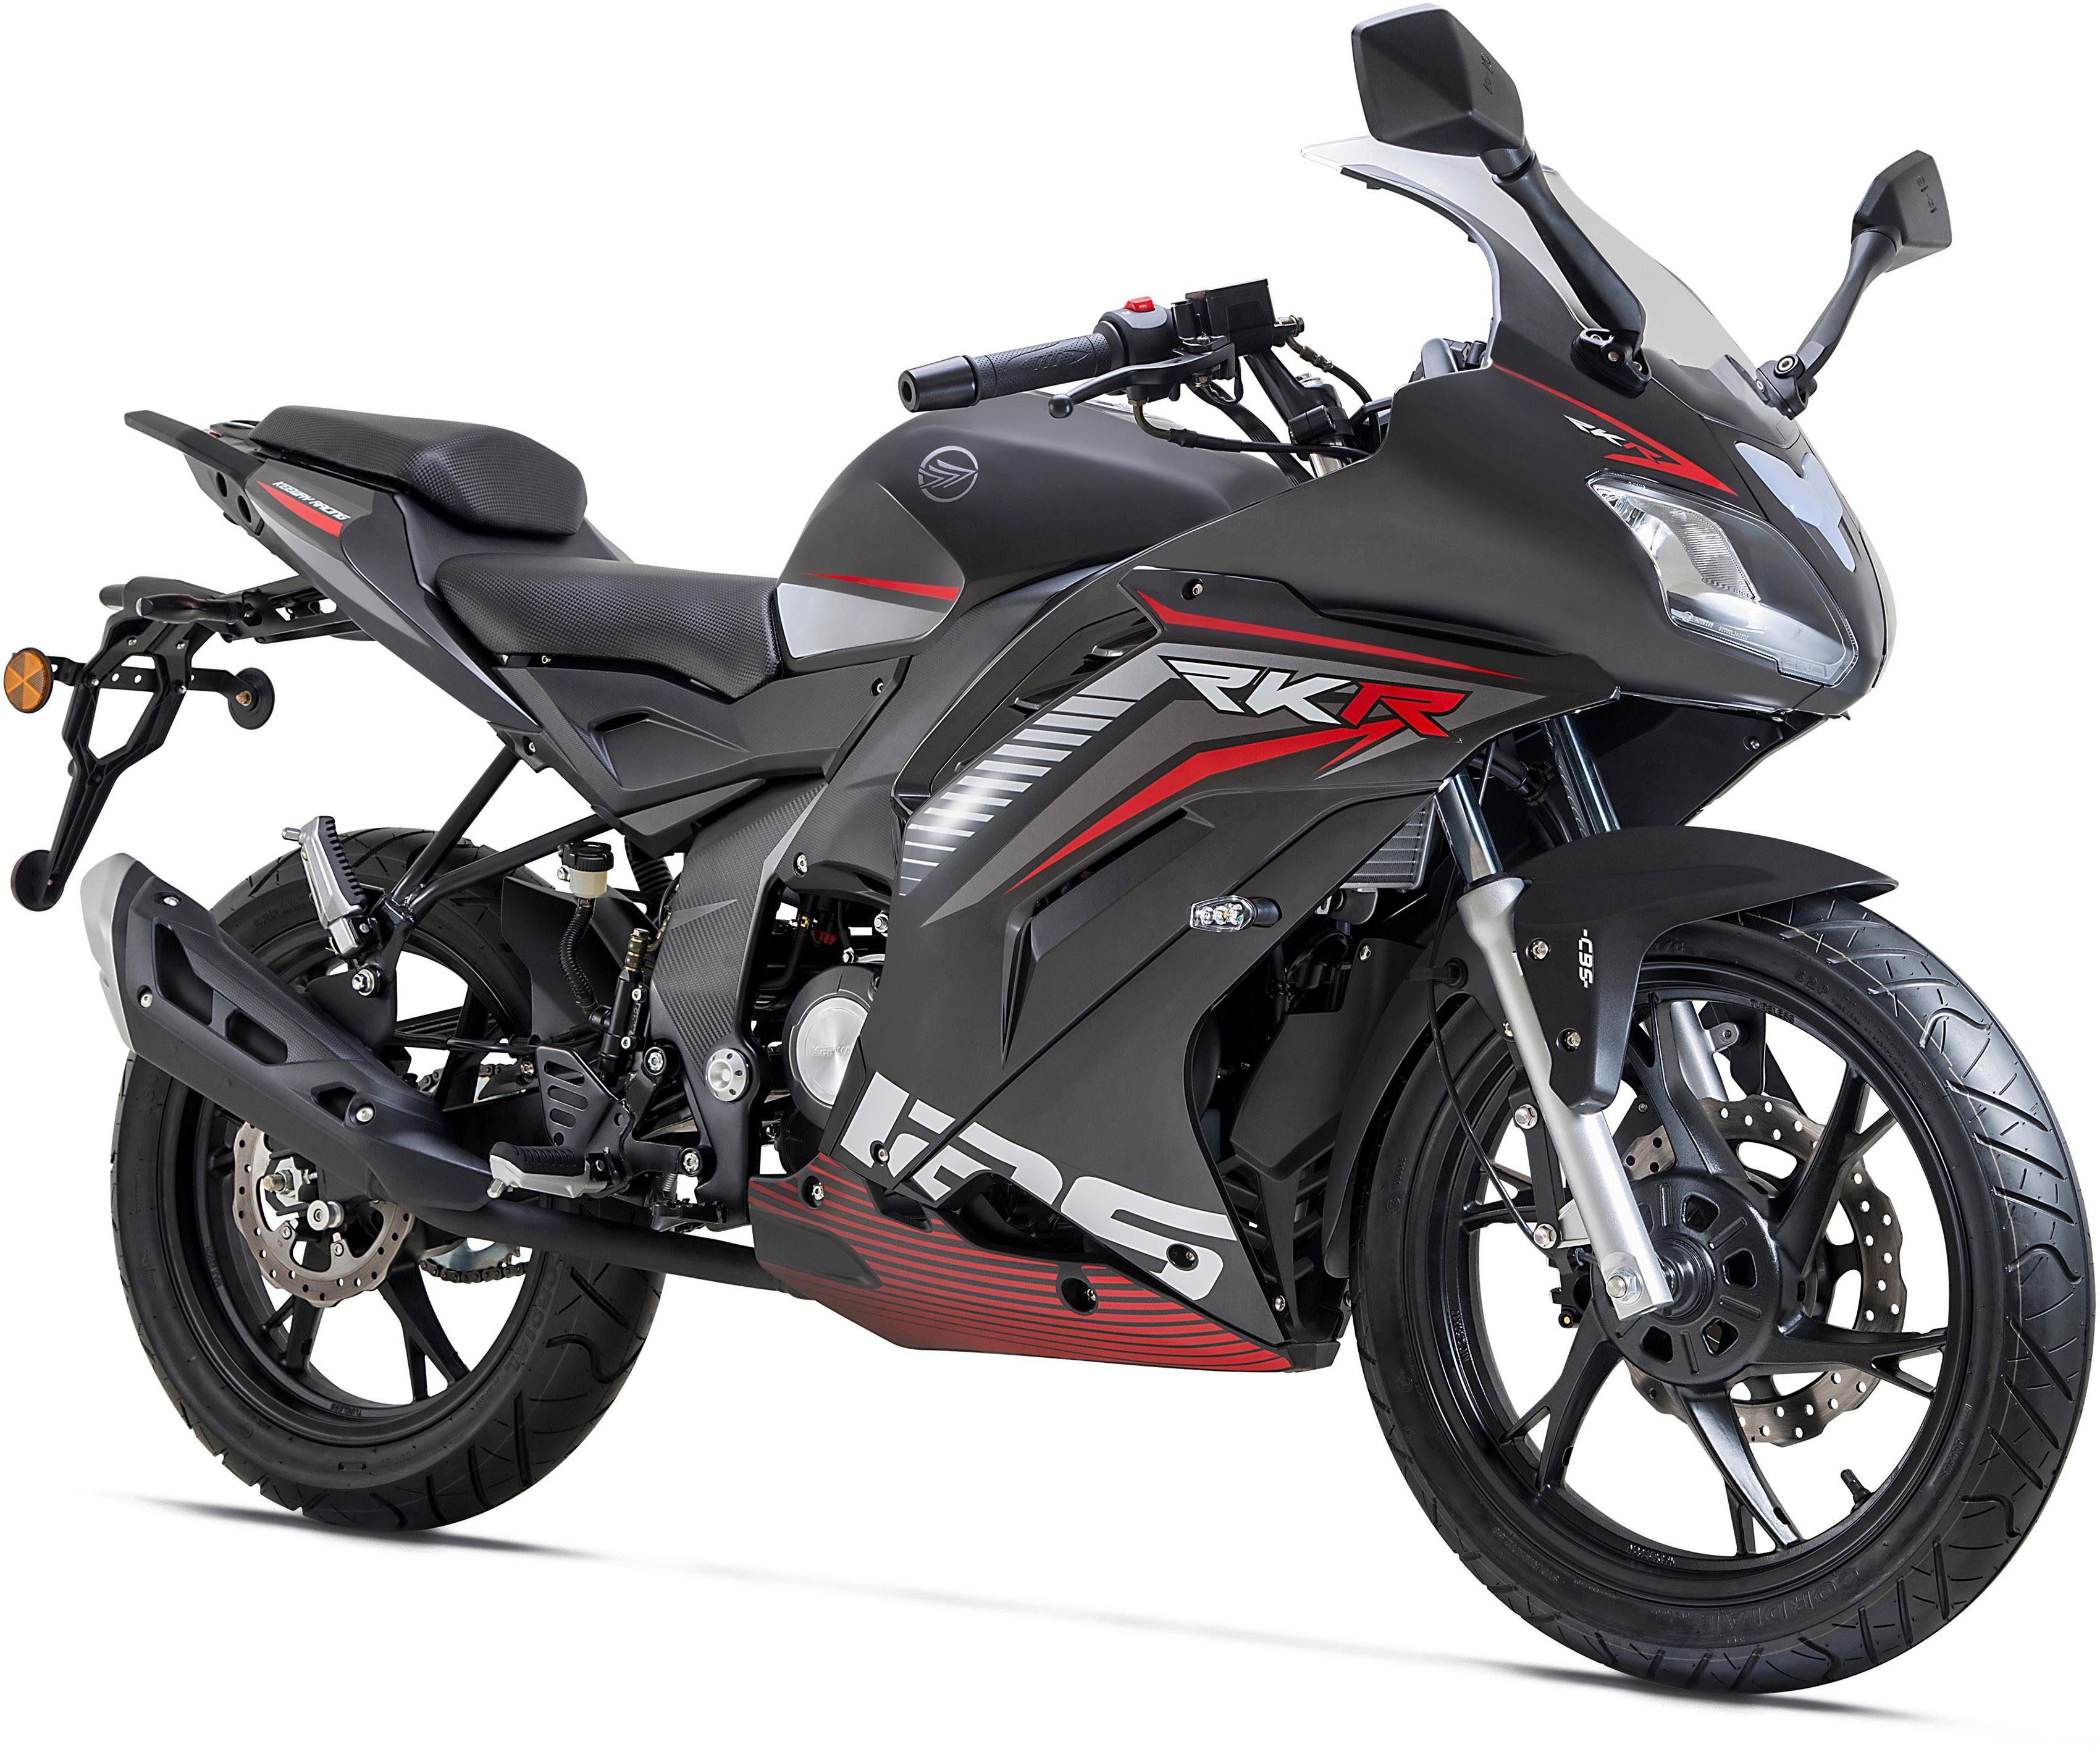 Keeway Motor Motorrad »RKR 125«, 125 ccm, Euro 4